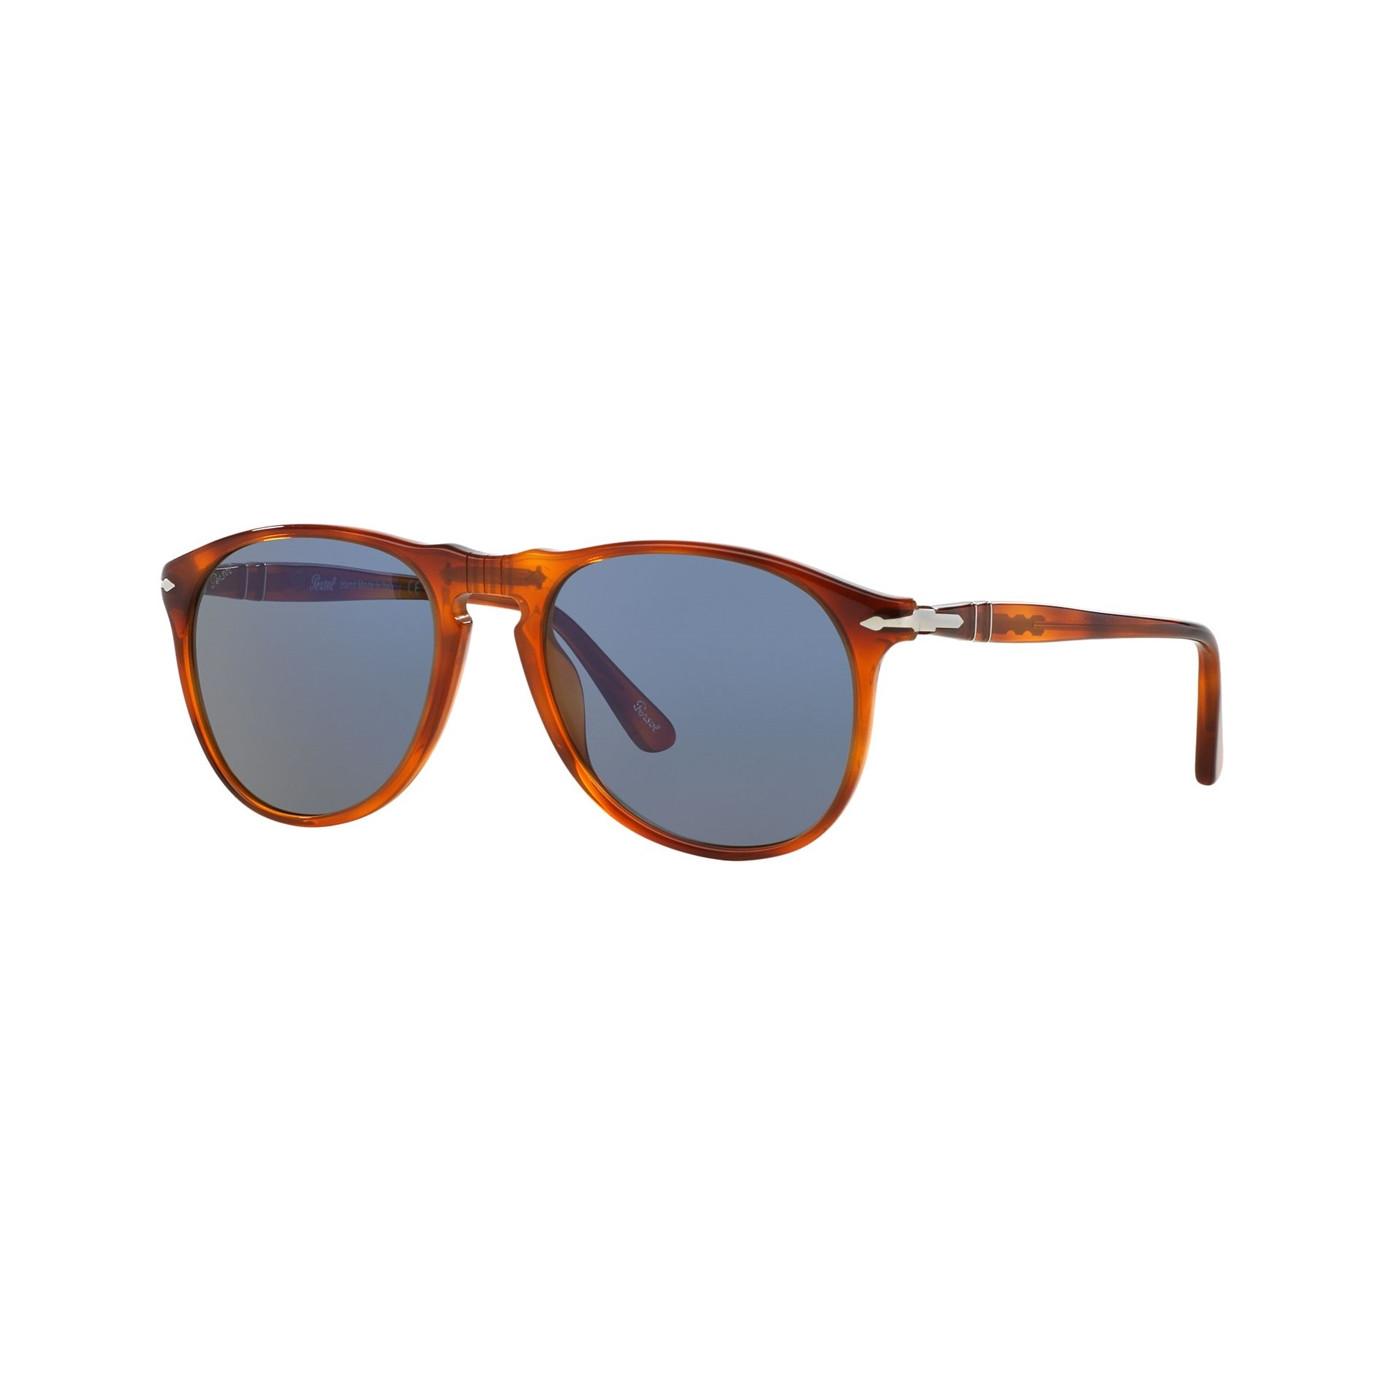 a879e46e76 Persol Terra Di Siena Sunglasses PO9649S965655 - Sunglasses